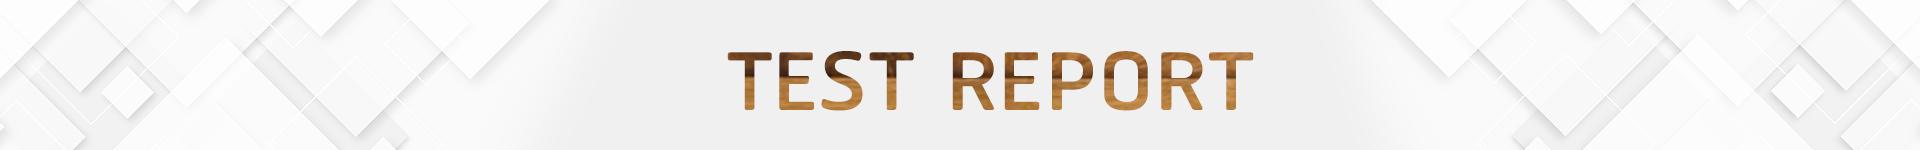 test-report พื้นไม้ ผนังไม้ พื้นไม้จริง กระเบื้องลายไม้ พื้นไม้